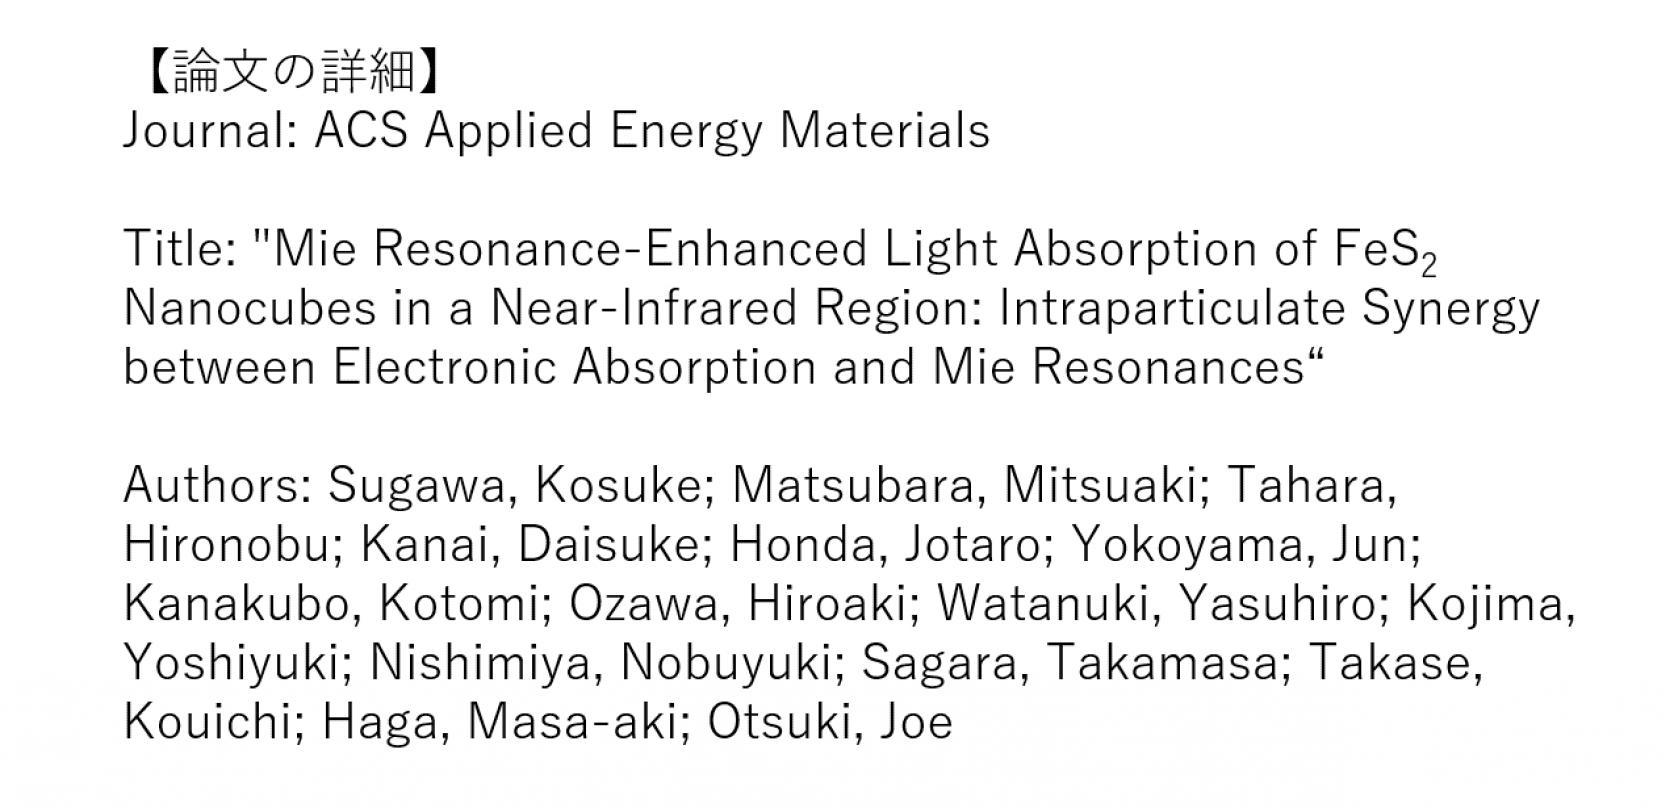 物質応用化学科 超分子化学研究室 須川晃資准教授らの研究成果の論文が、アメリカ化学会の学術雑誌「ACS Applied Energy Materials」に掲載されます。